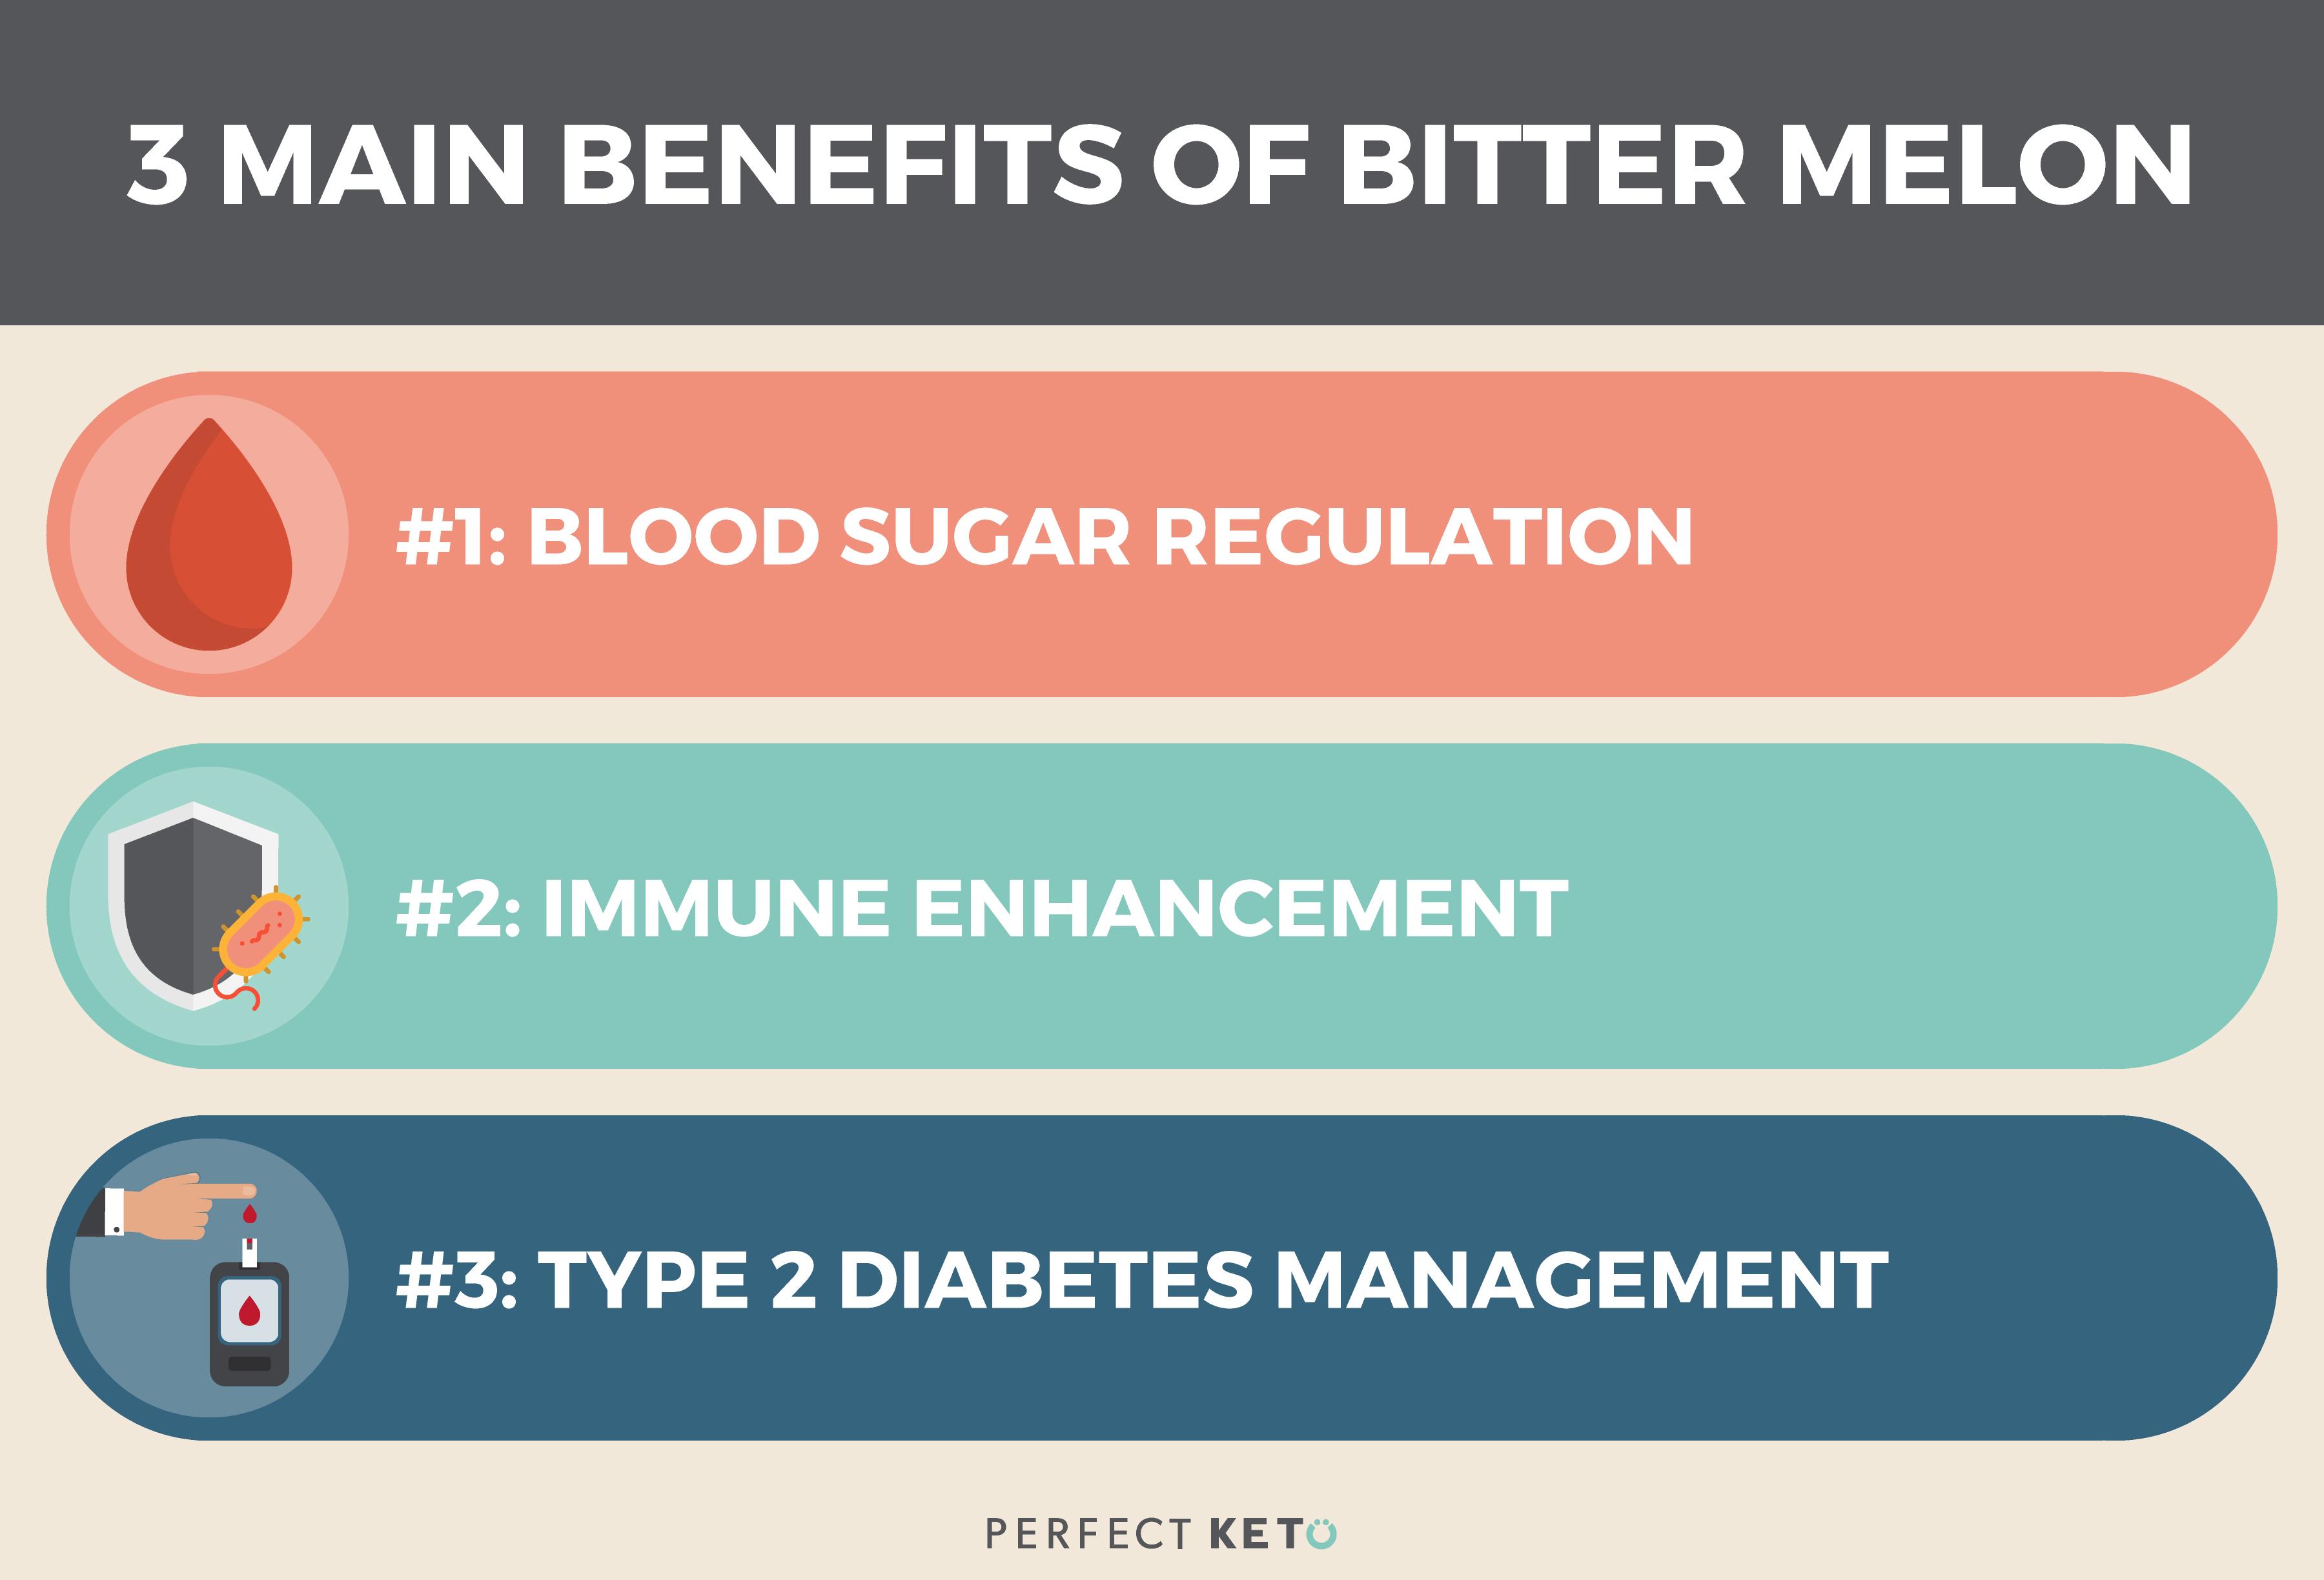 3-main-benefits-of-bitter-melon.jpg